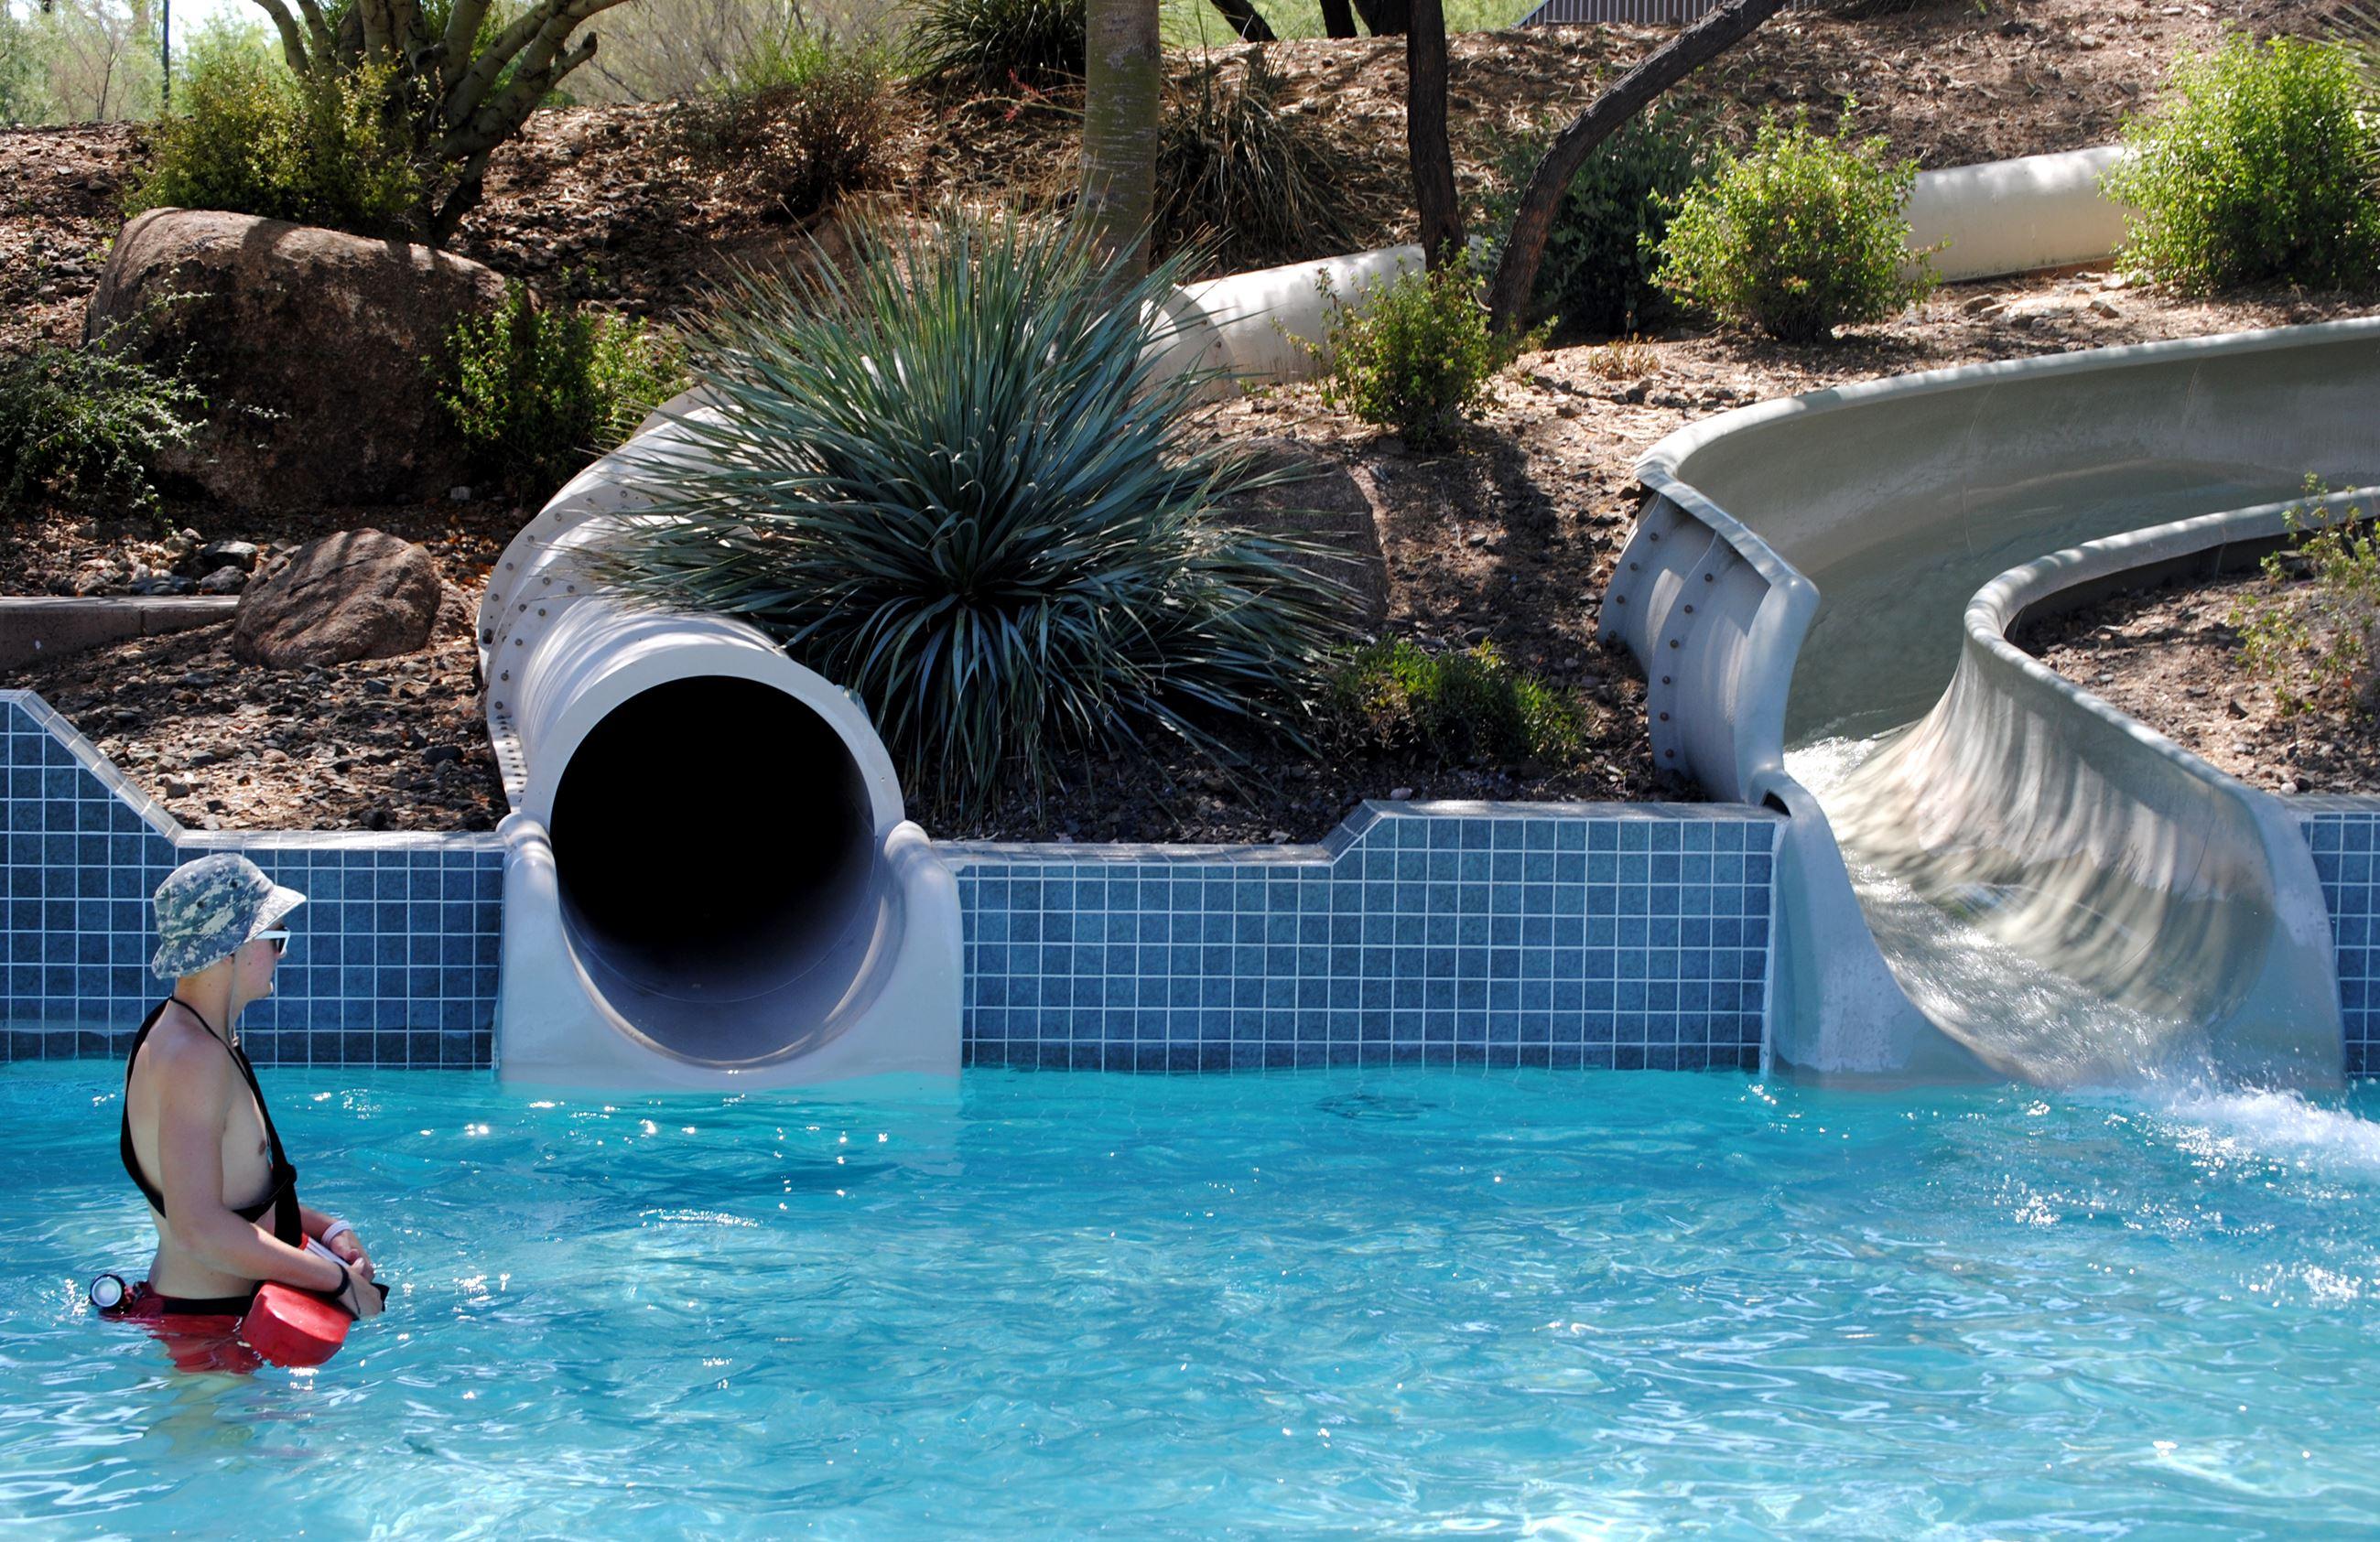 Lifeguard In Slide Pool